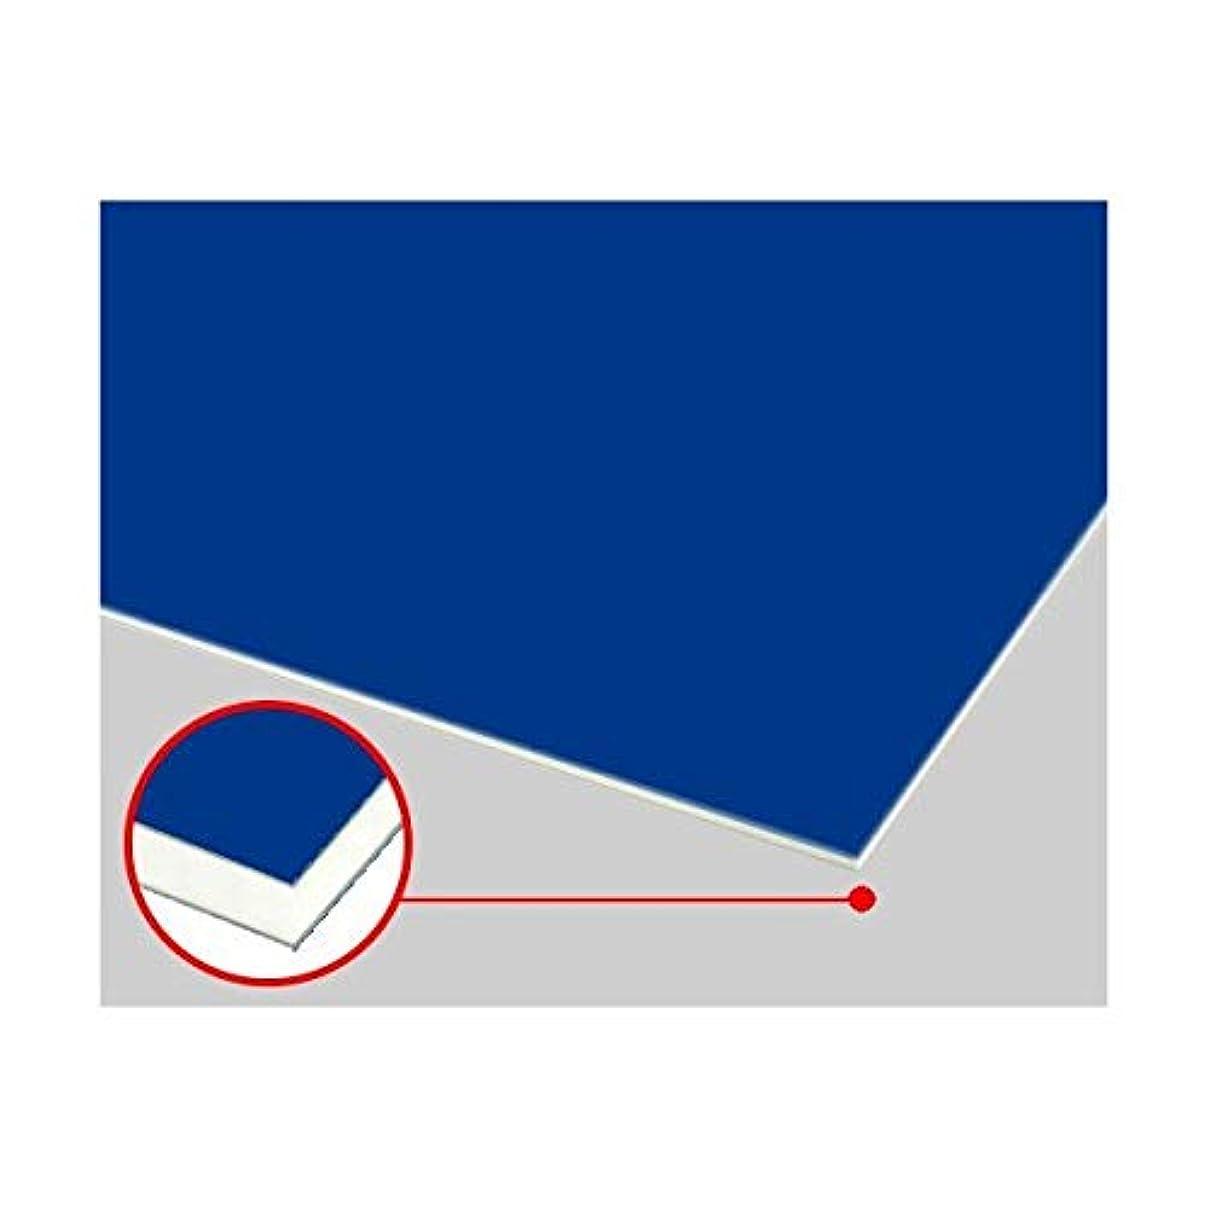 サドル容器ロケーションアルミ複合板ソレイタ(両面ブルー 艶あり/艶なし)3mm 450×450mm 縮小カット1枚無料 (メーカー規格板は法人限定出品に移行しました)